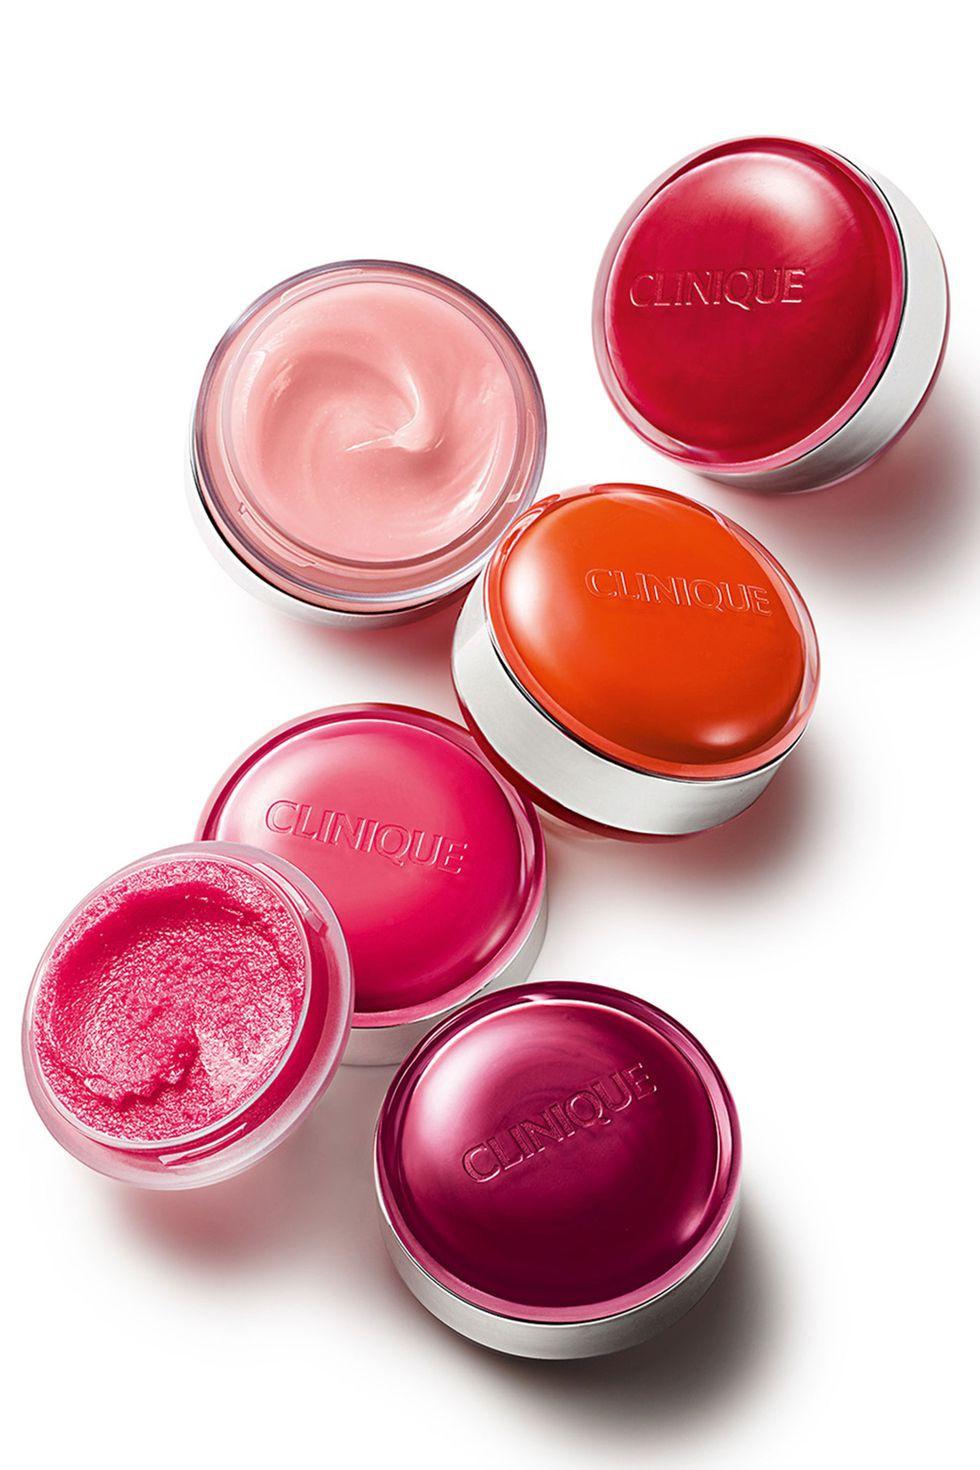 Tẩy da chết cho môi cũng rất quan trọng và đây là 5 sản phẩm giúp đem lại bờ môi sáng hồng, căng mọng cho các nàng - Ảnh 6.